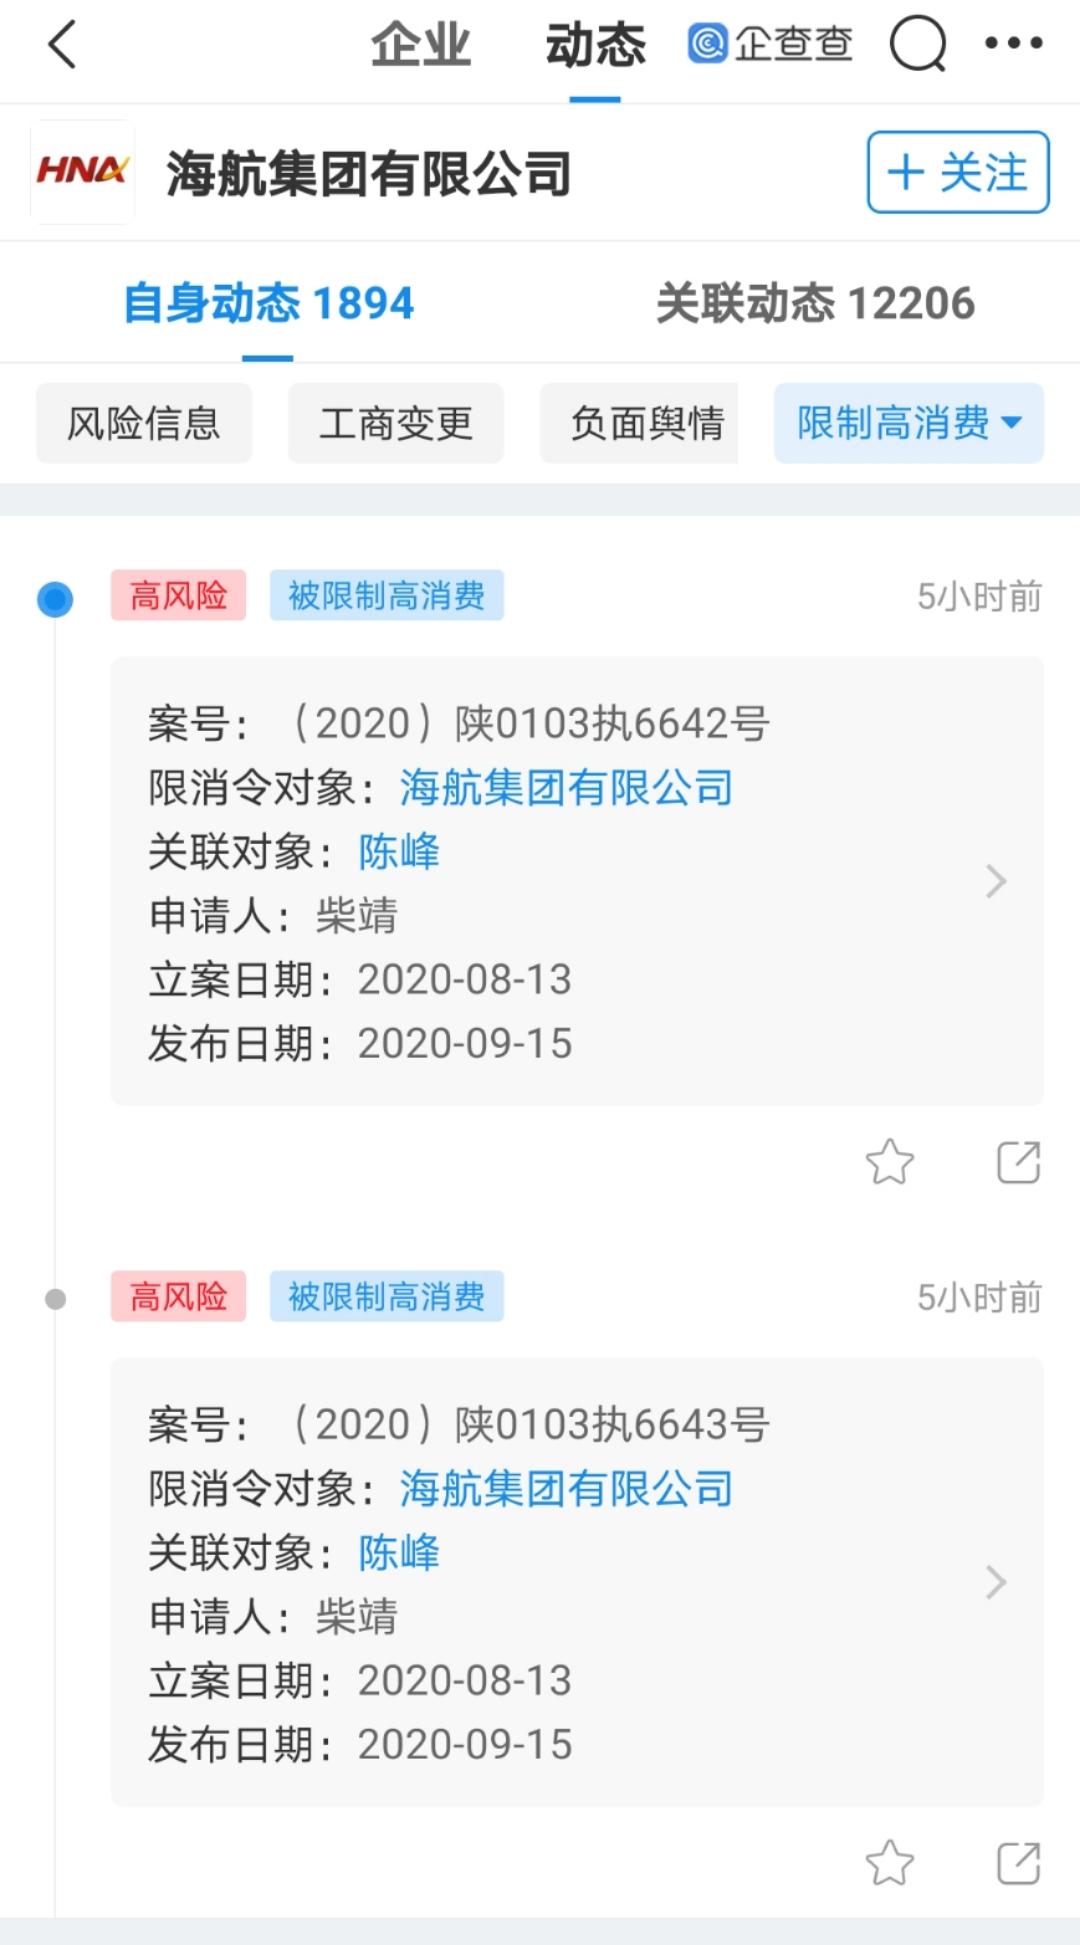 海航集团及法定代表人陈峰被限制高消费